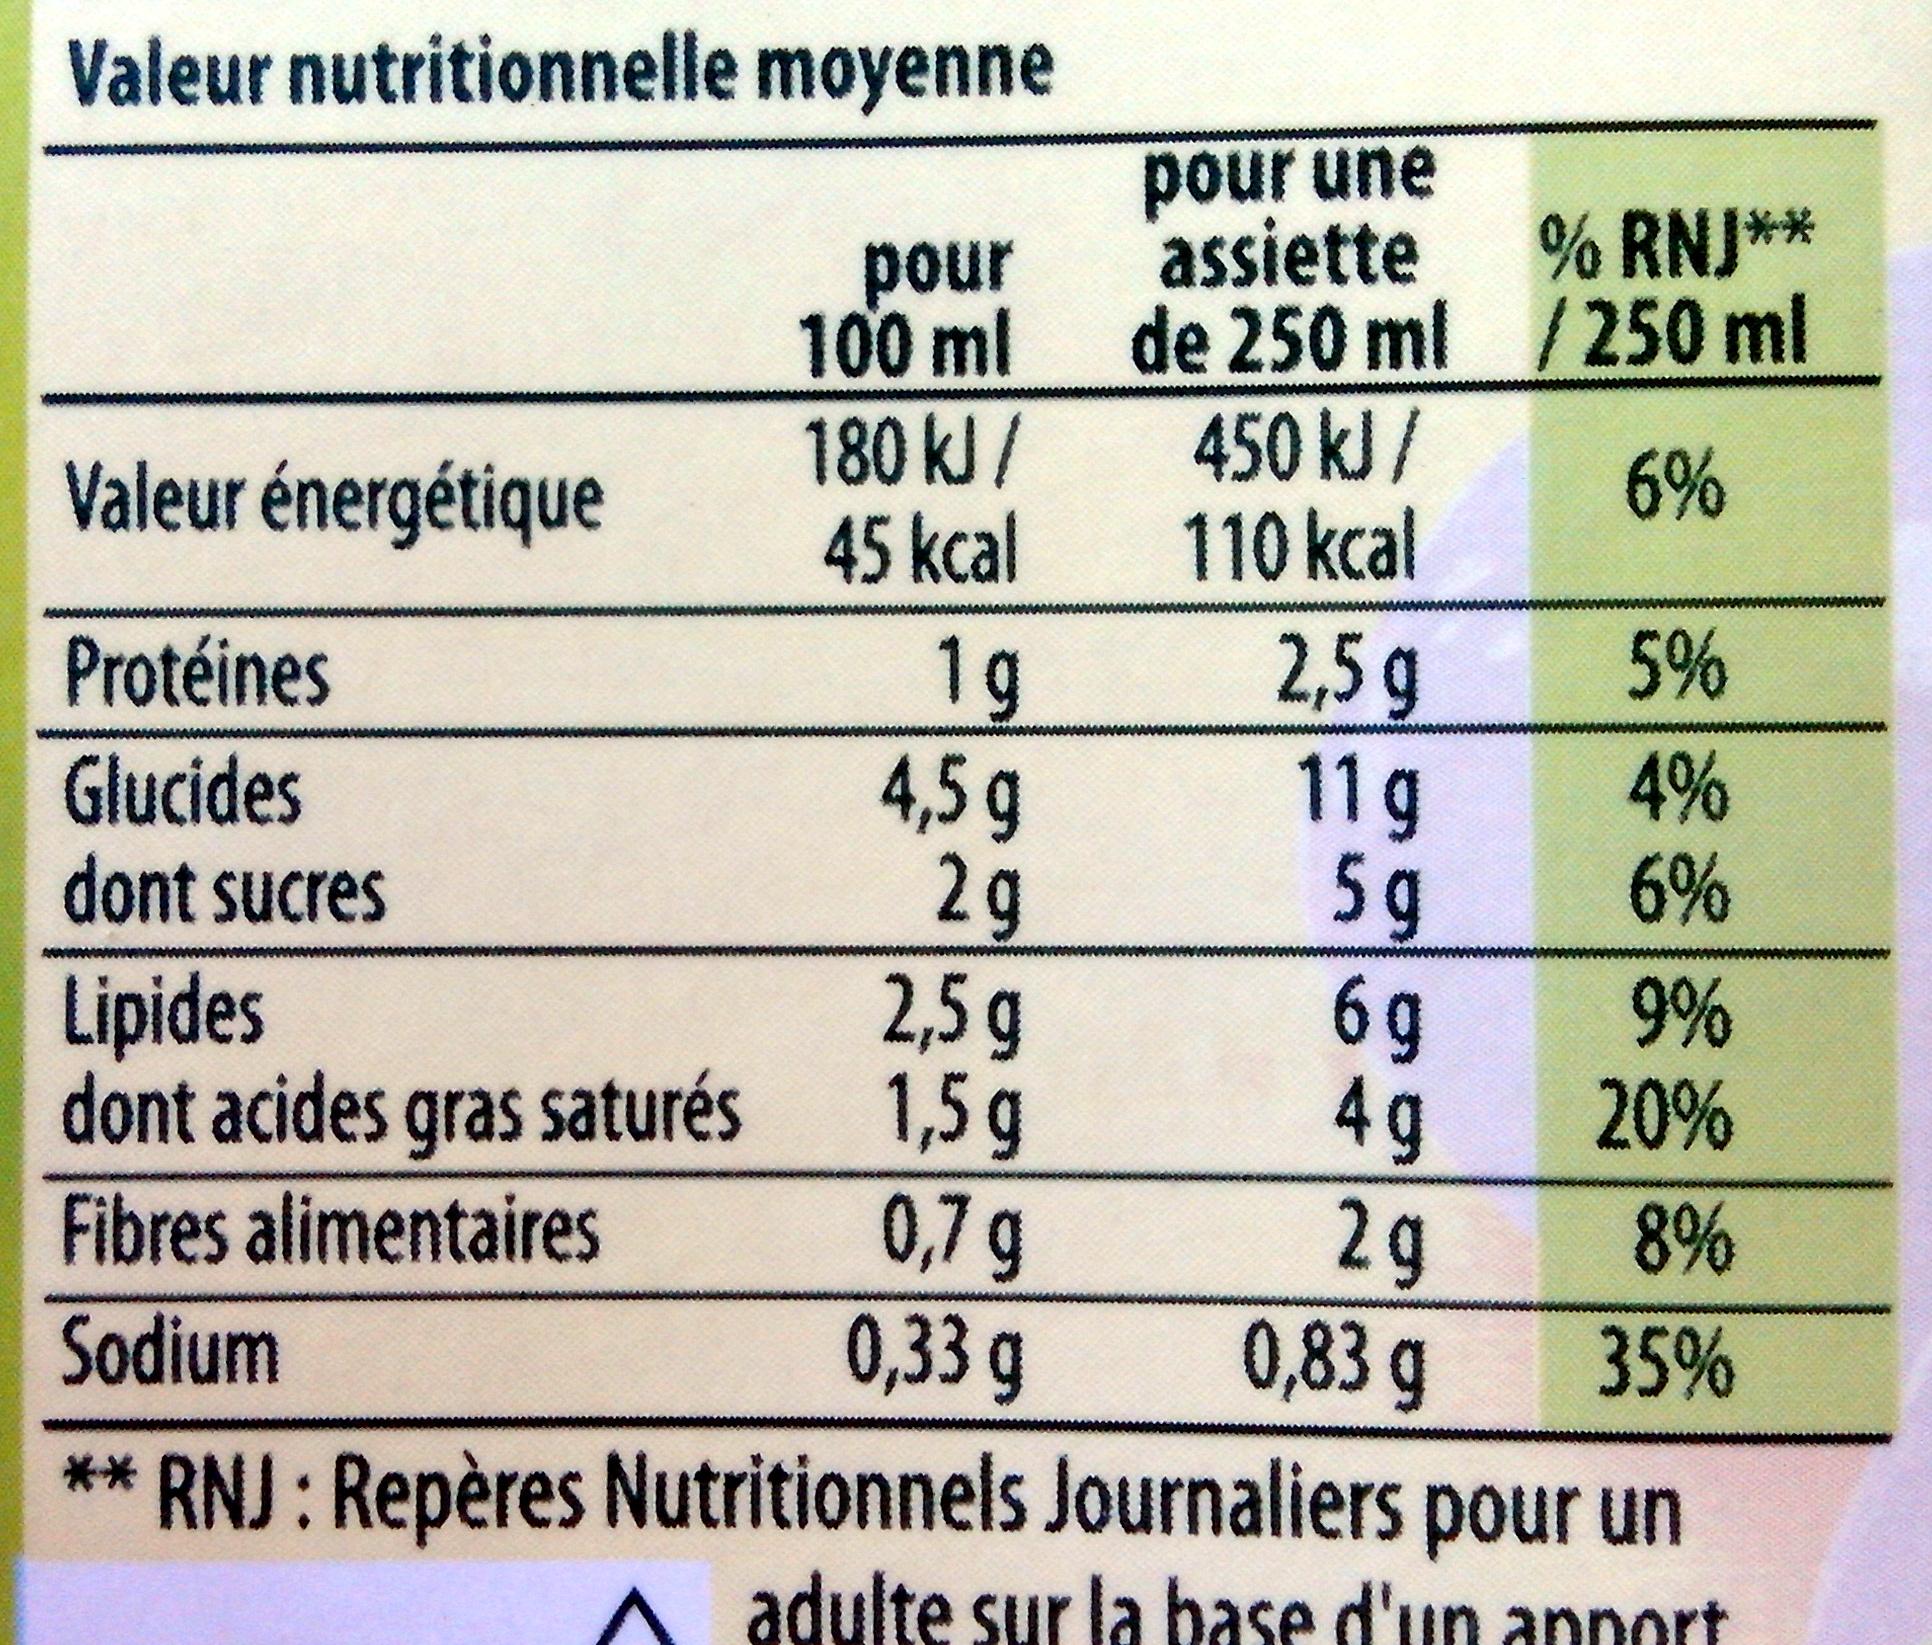 Knorr Les Classiques Soupe Liquide Douceur de Légumes du Soleil Brique 4 Portions - Nutrition facts - fr